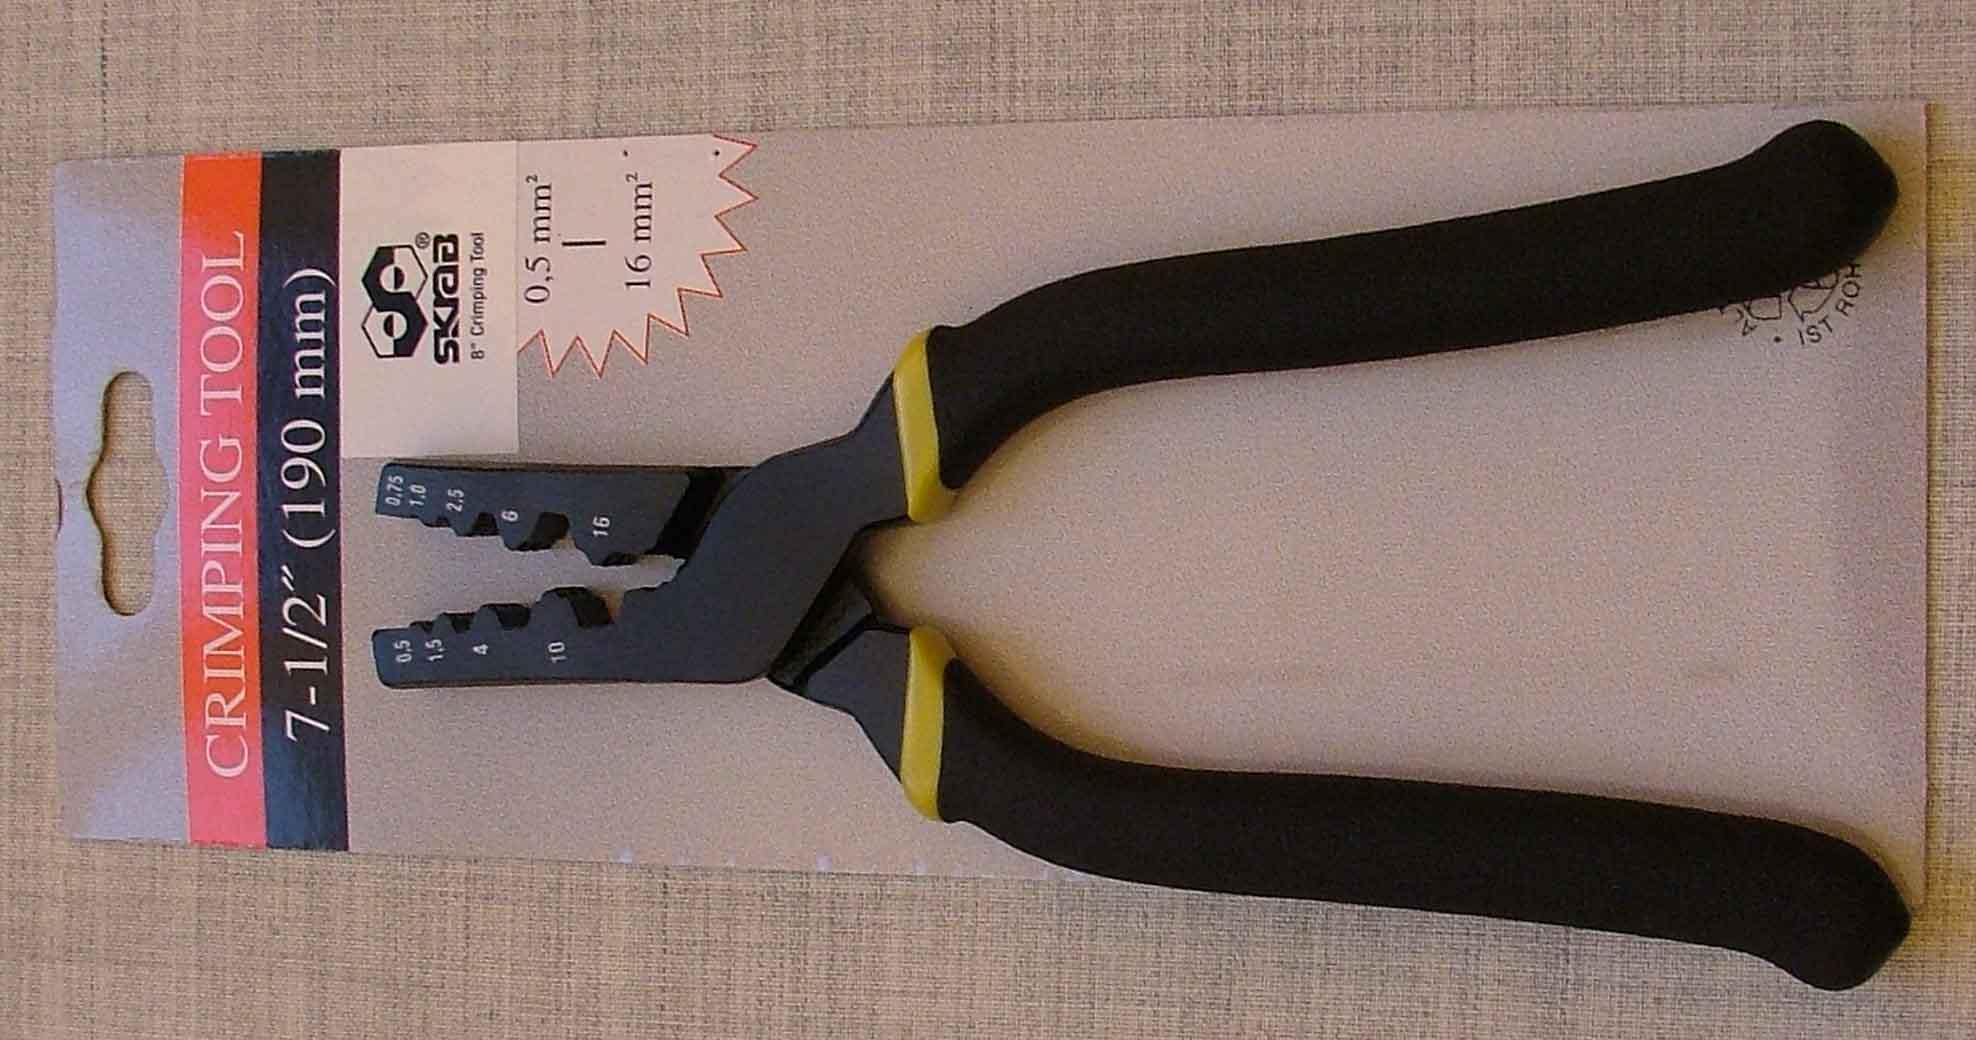 Клещи для снятия изоляции - щипцы для клемм skrab - Клещи для зажатия клемм 190мм